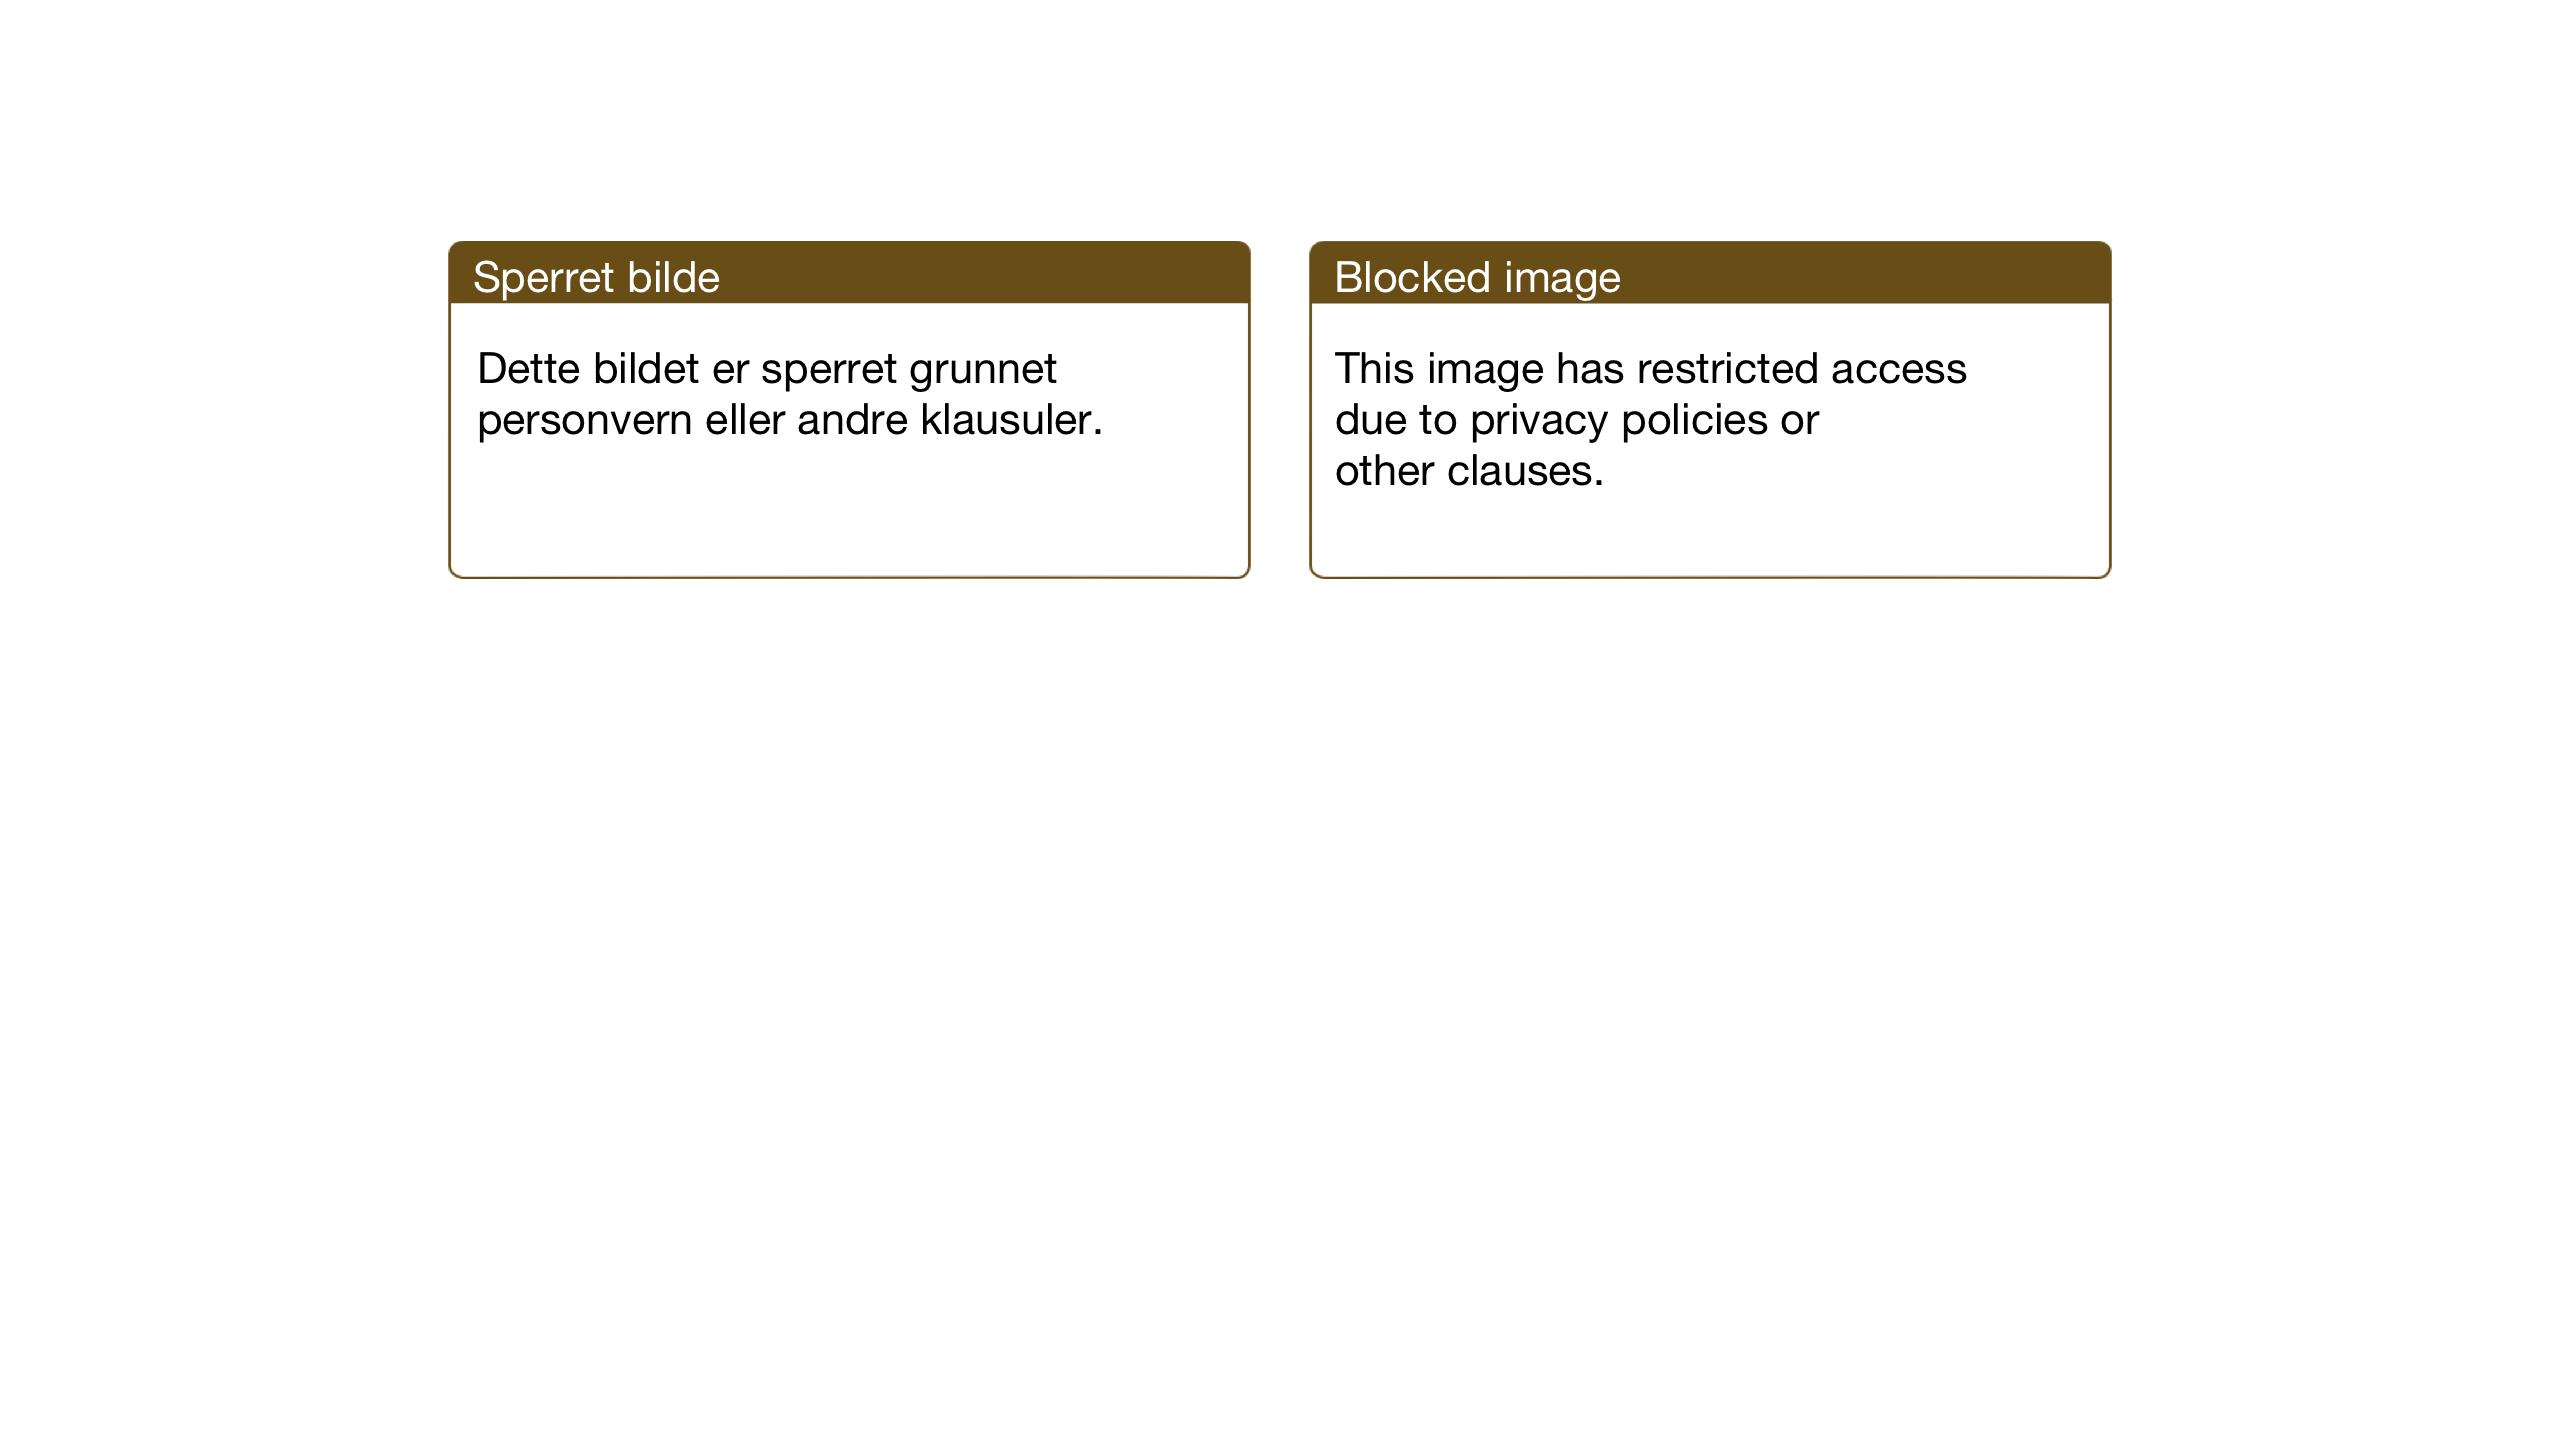 SAT, Ministerialprotokoller, klokkerbøker og fødselsregistre - Nord-Trøndelag, 746/L0455: Klokkerbok nr. 746C01, 1908-1933, s. 47